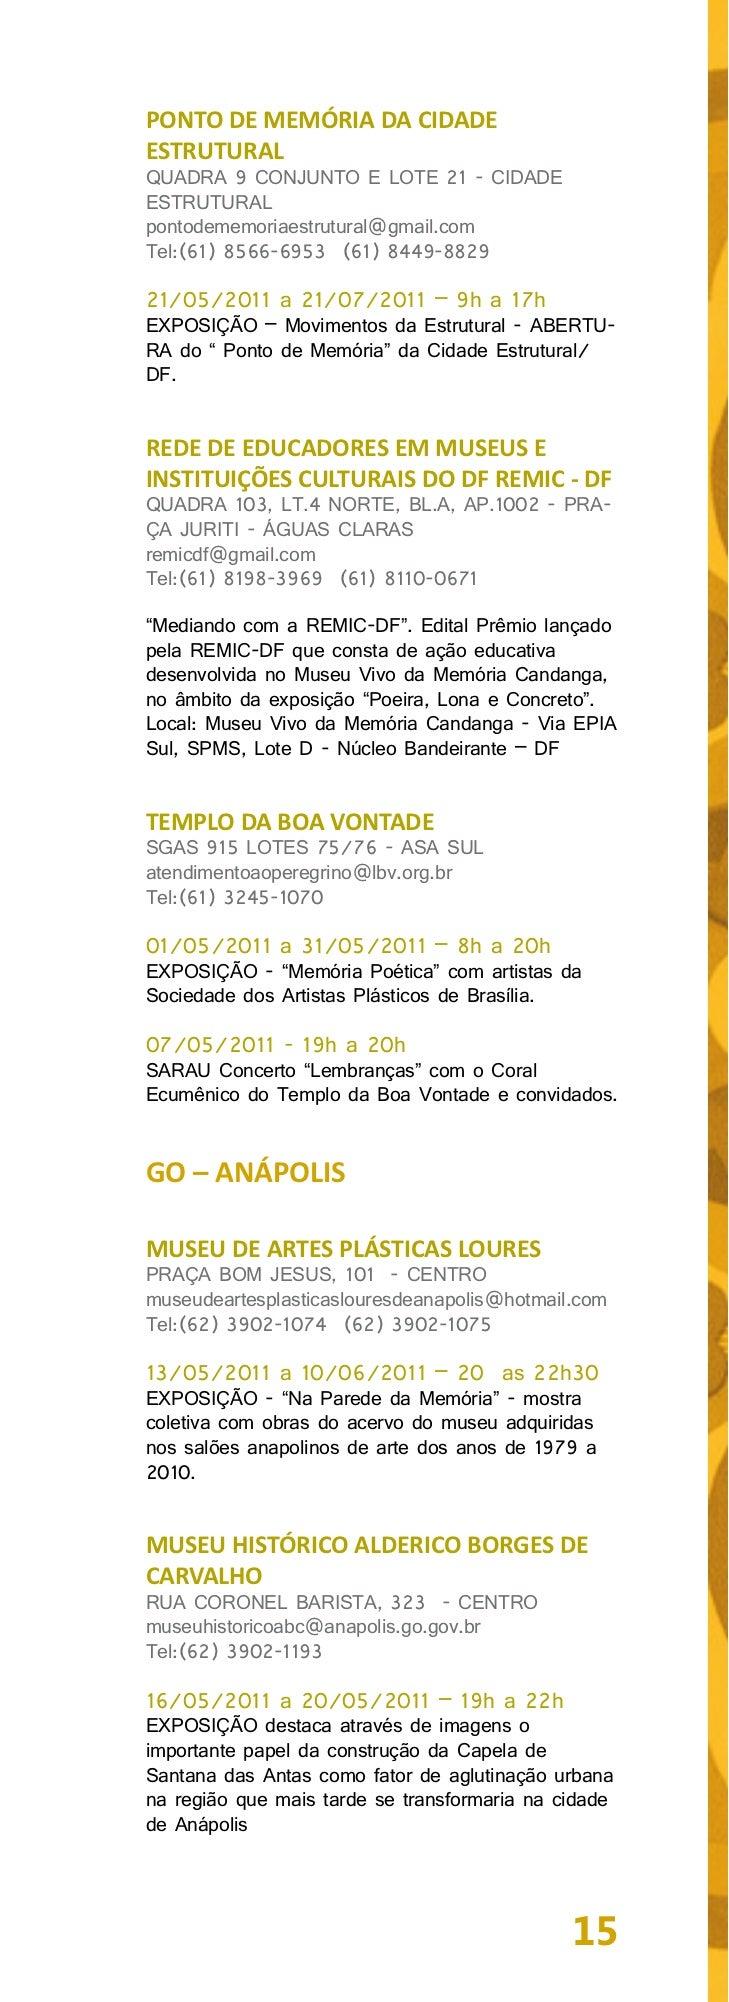 30/04/2011 a 20/05/2011 – 19h a 22hEXPOSIÇÃO - Este projeto visa proporcionar oresgate da história local relembrando perso...